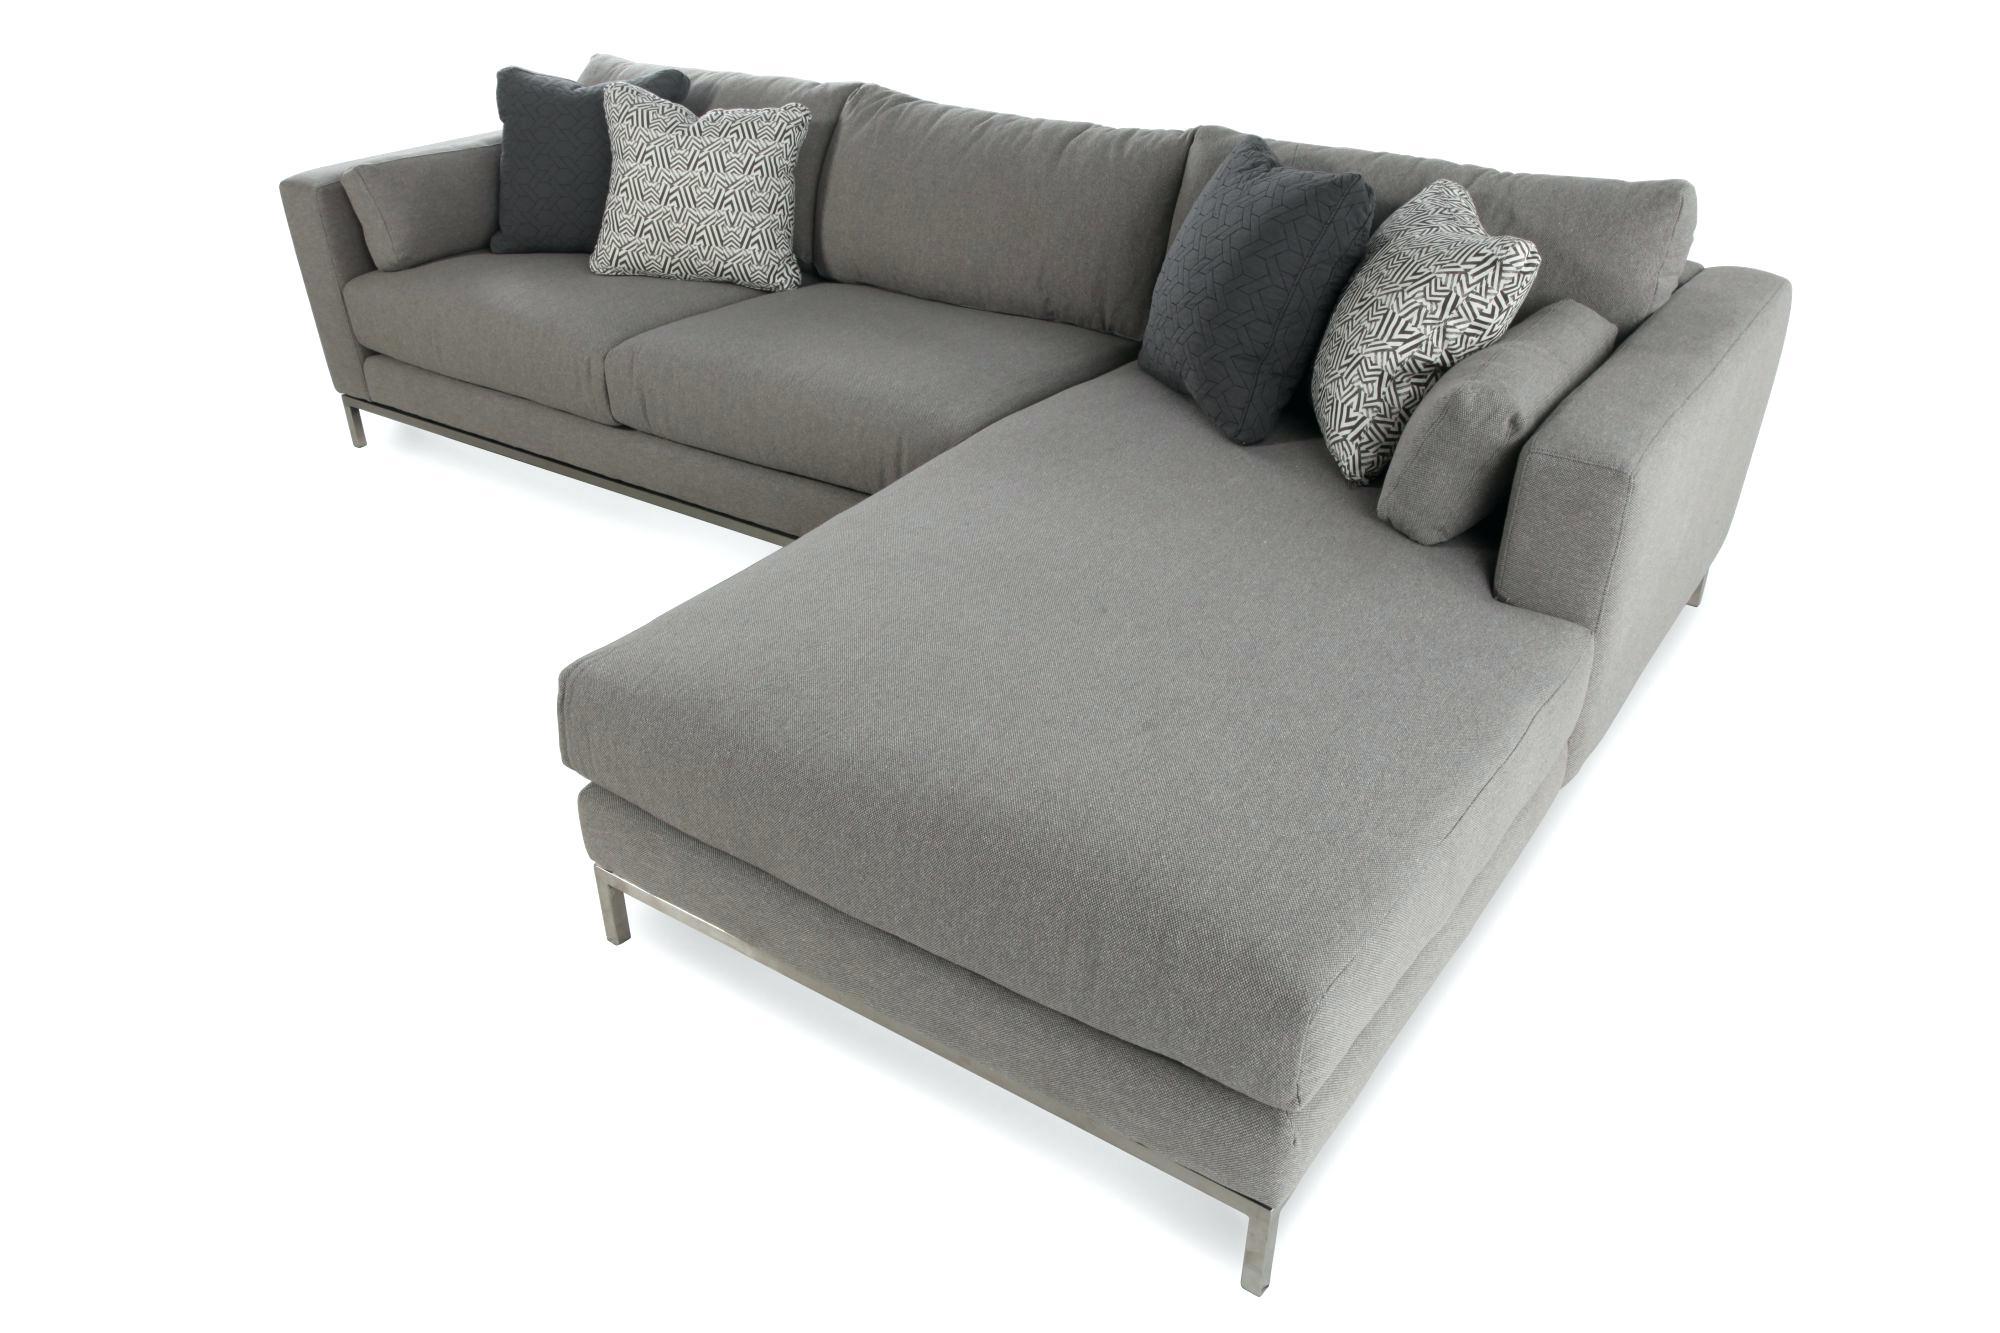 Baci Living Room (View 10 of 20)